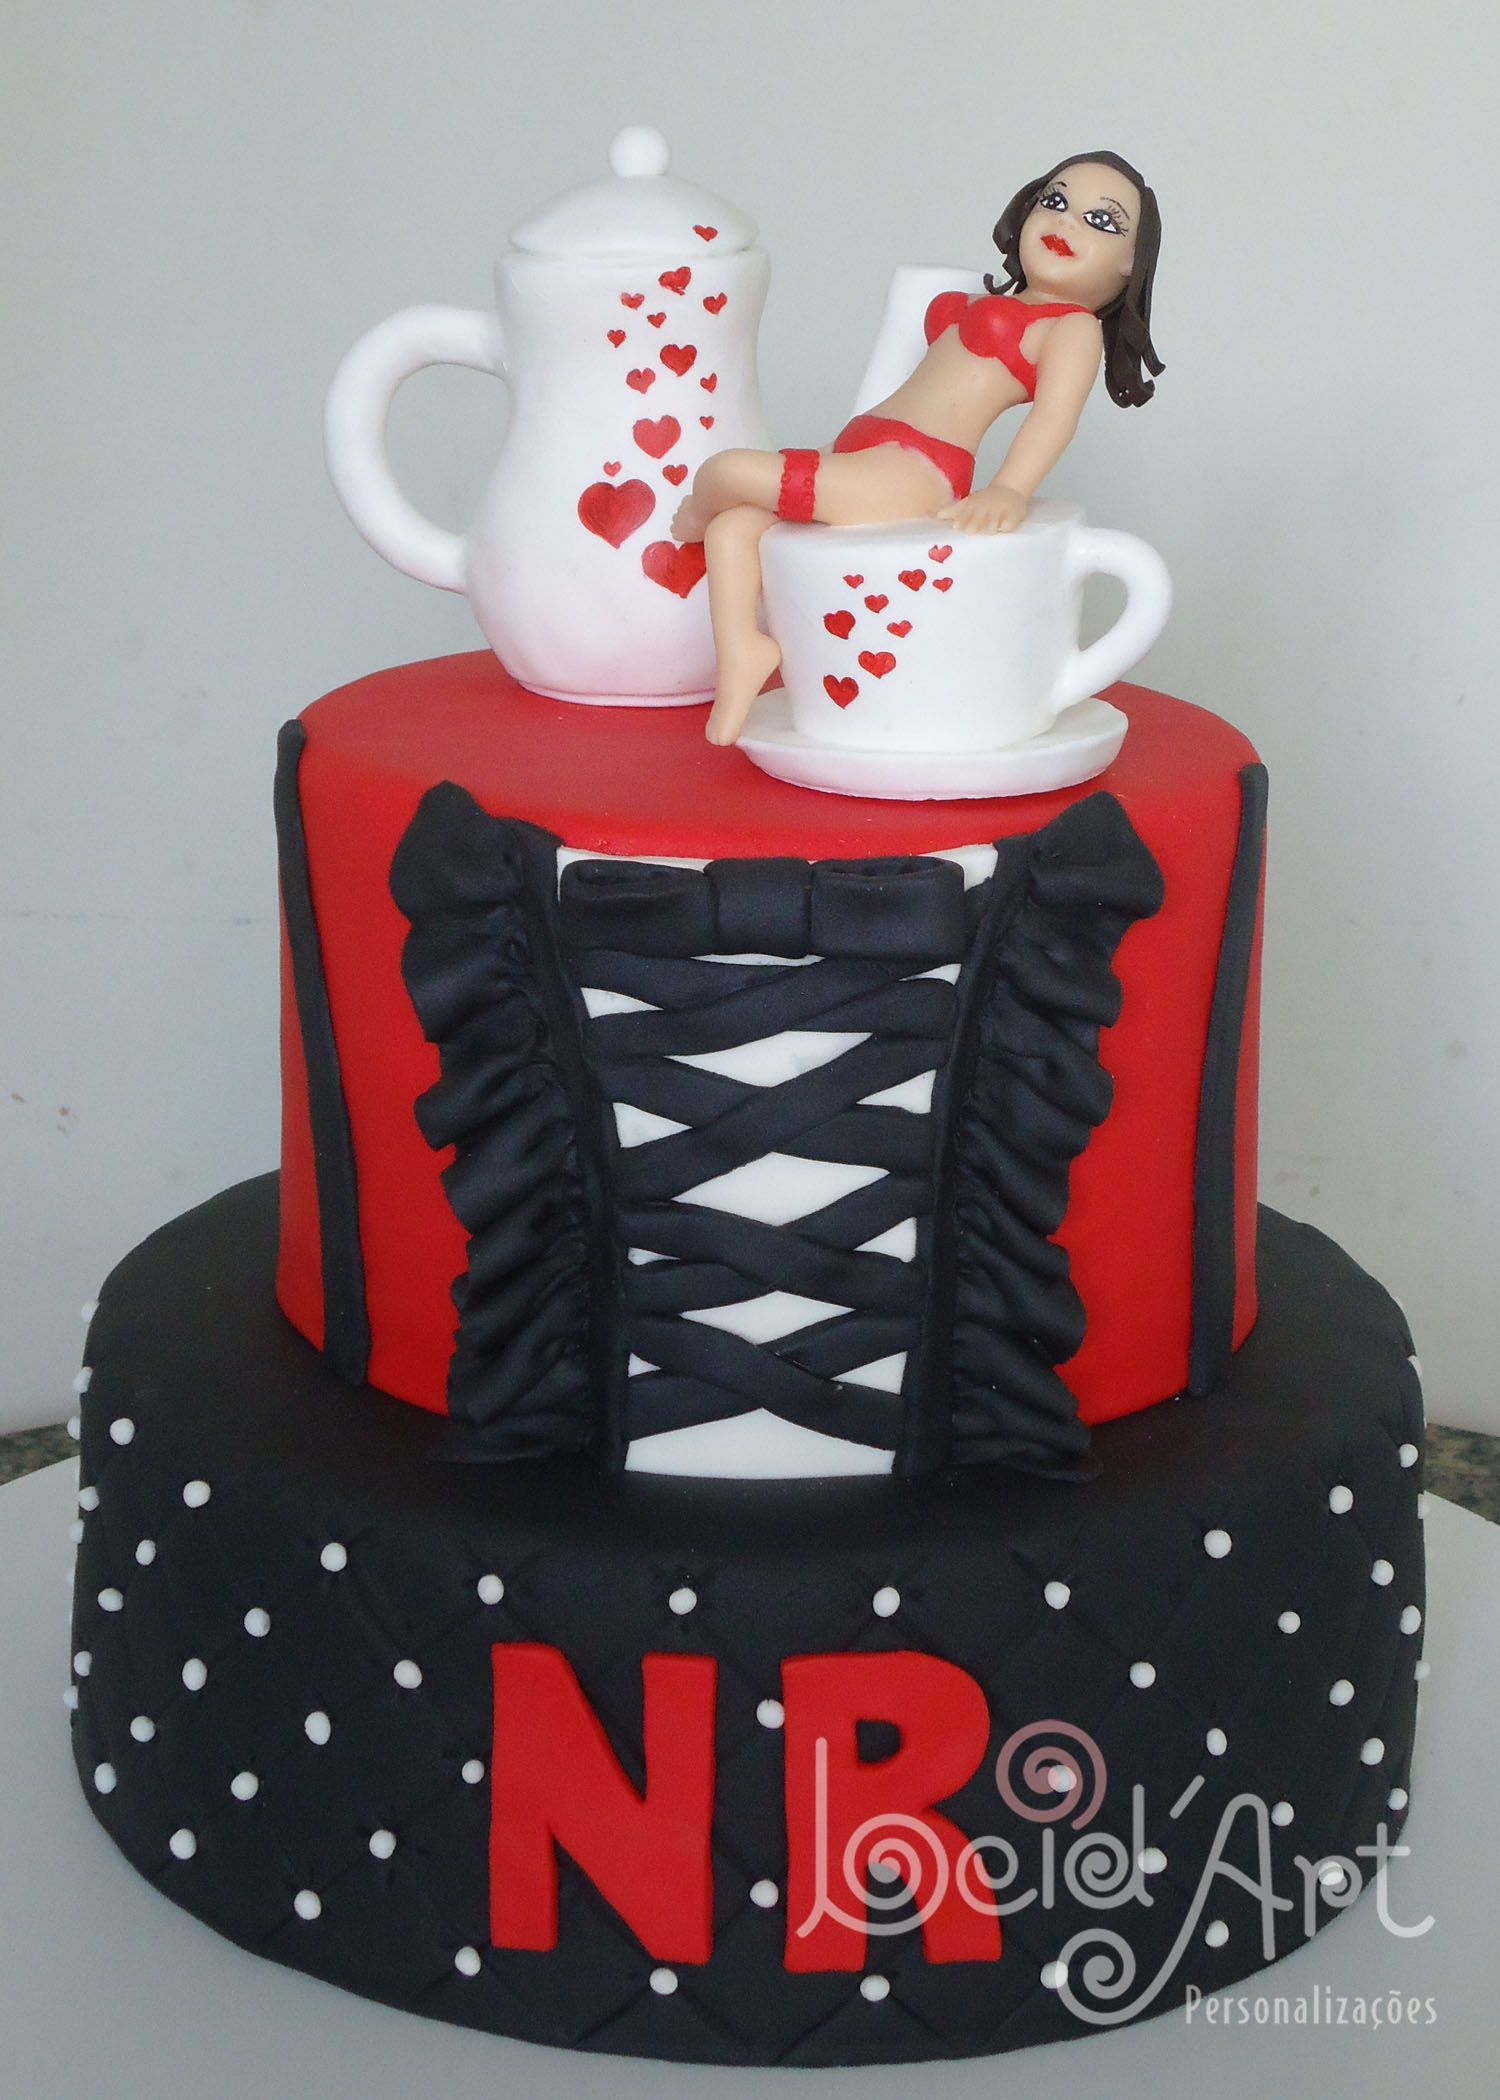 989cea79b Chá de Lingerie. Bolo decorado vermelho e preto topo em porcelana fria.